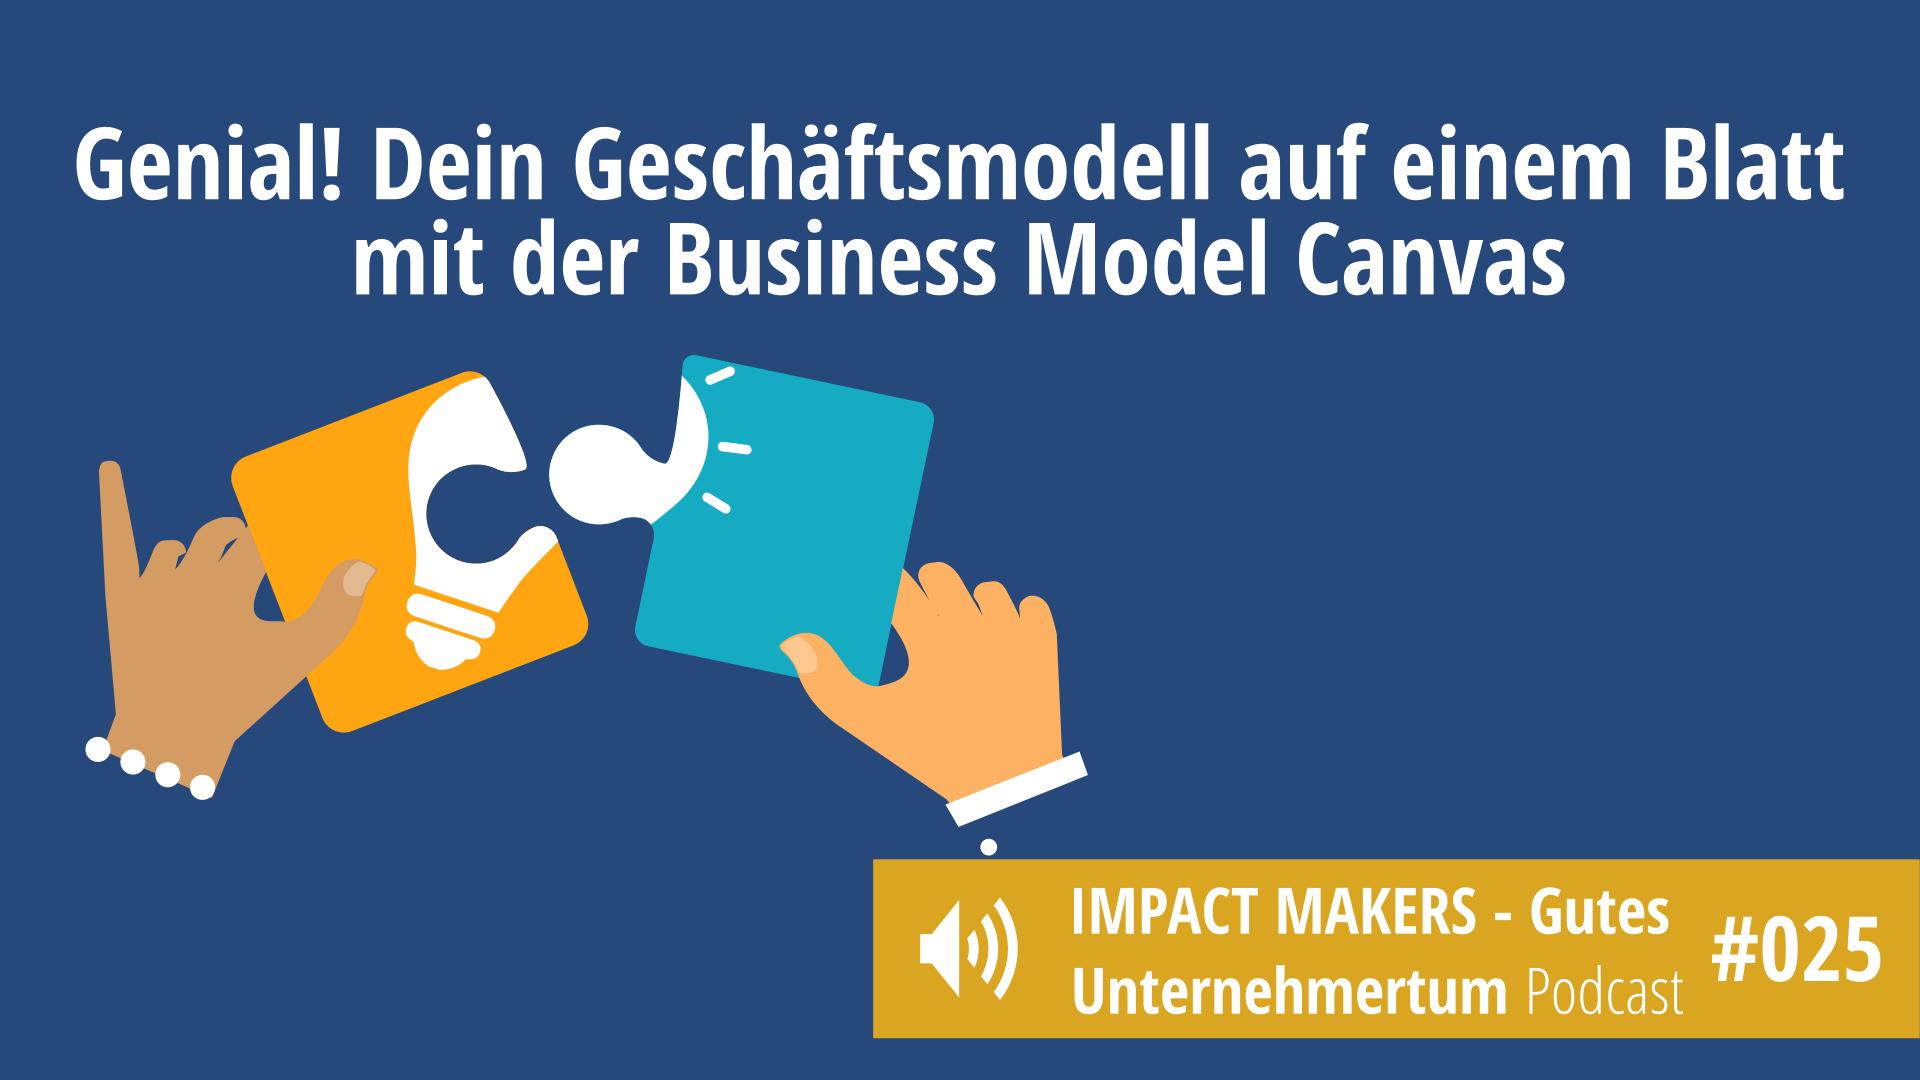 Business Model Canvas für Selbstständige und Inhaber kleiner Unternehmen